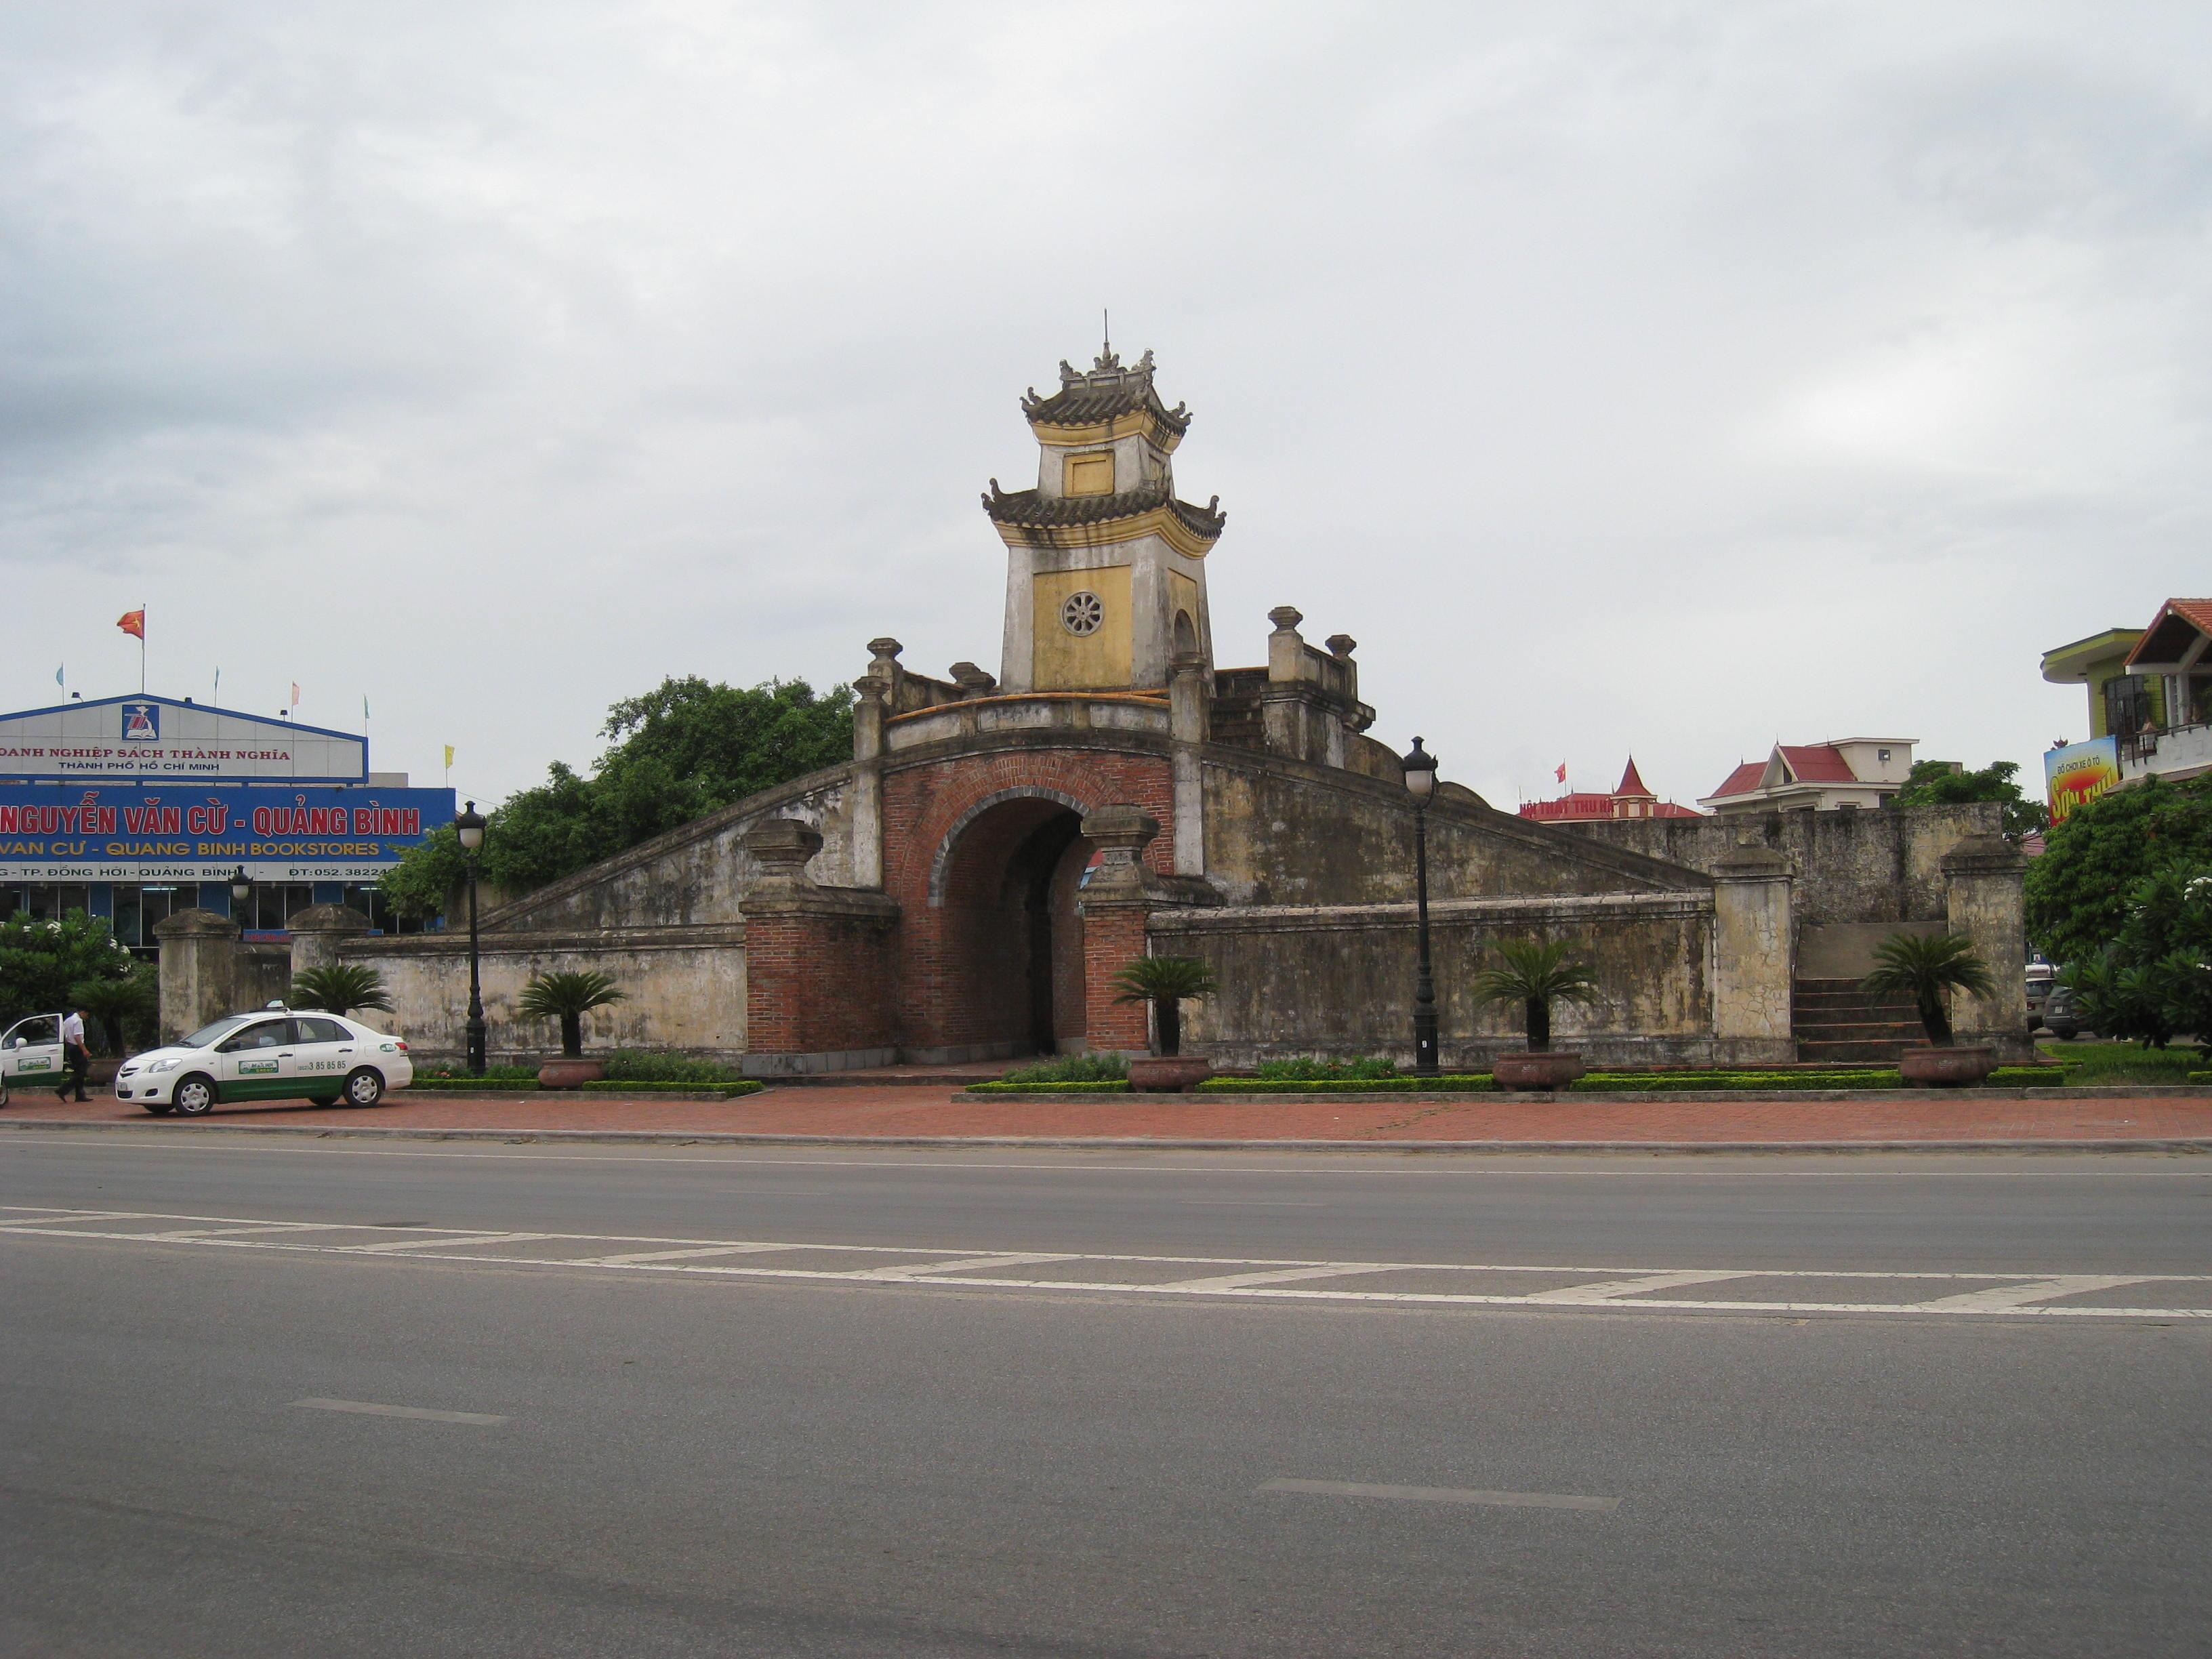 Bán nhớt Motul giá rẻ tại Quảng Bình